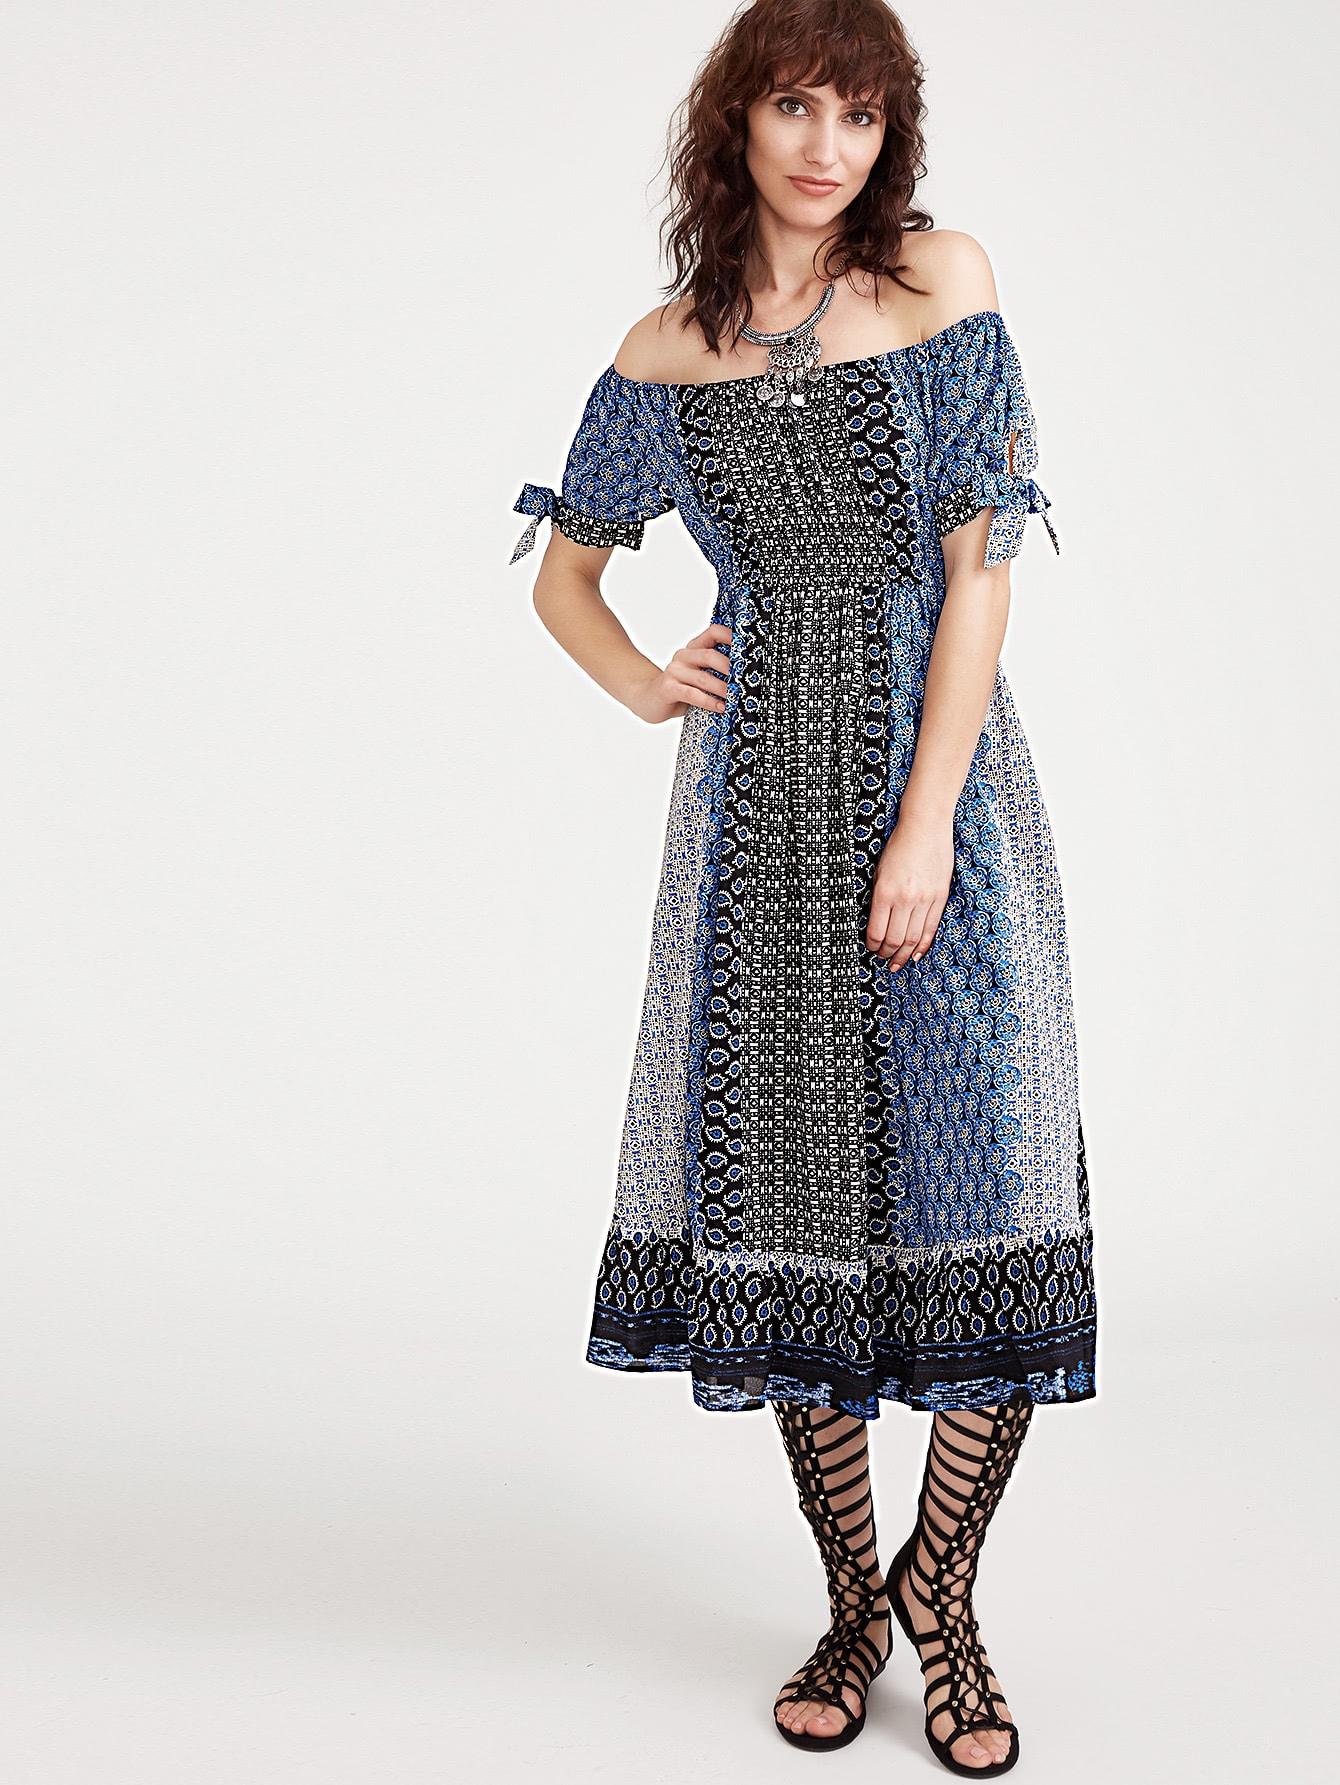 Color Block Vintage Print Bow Sleeve Off The Shoulder Dress